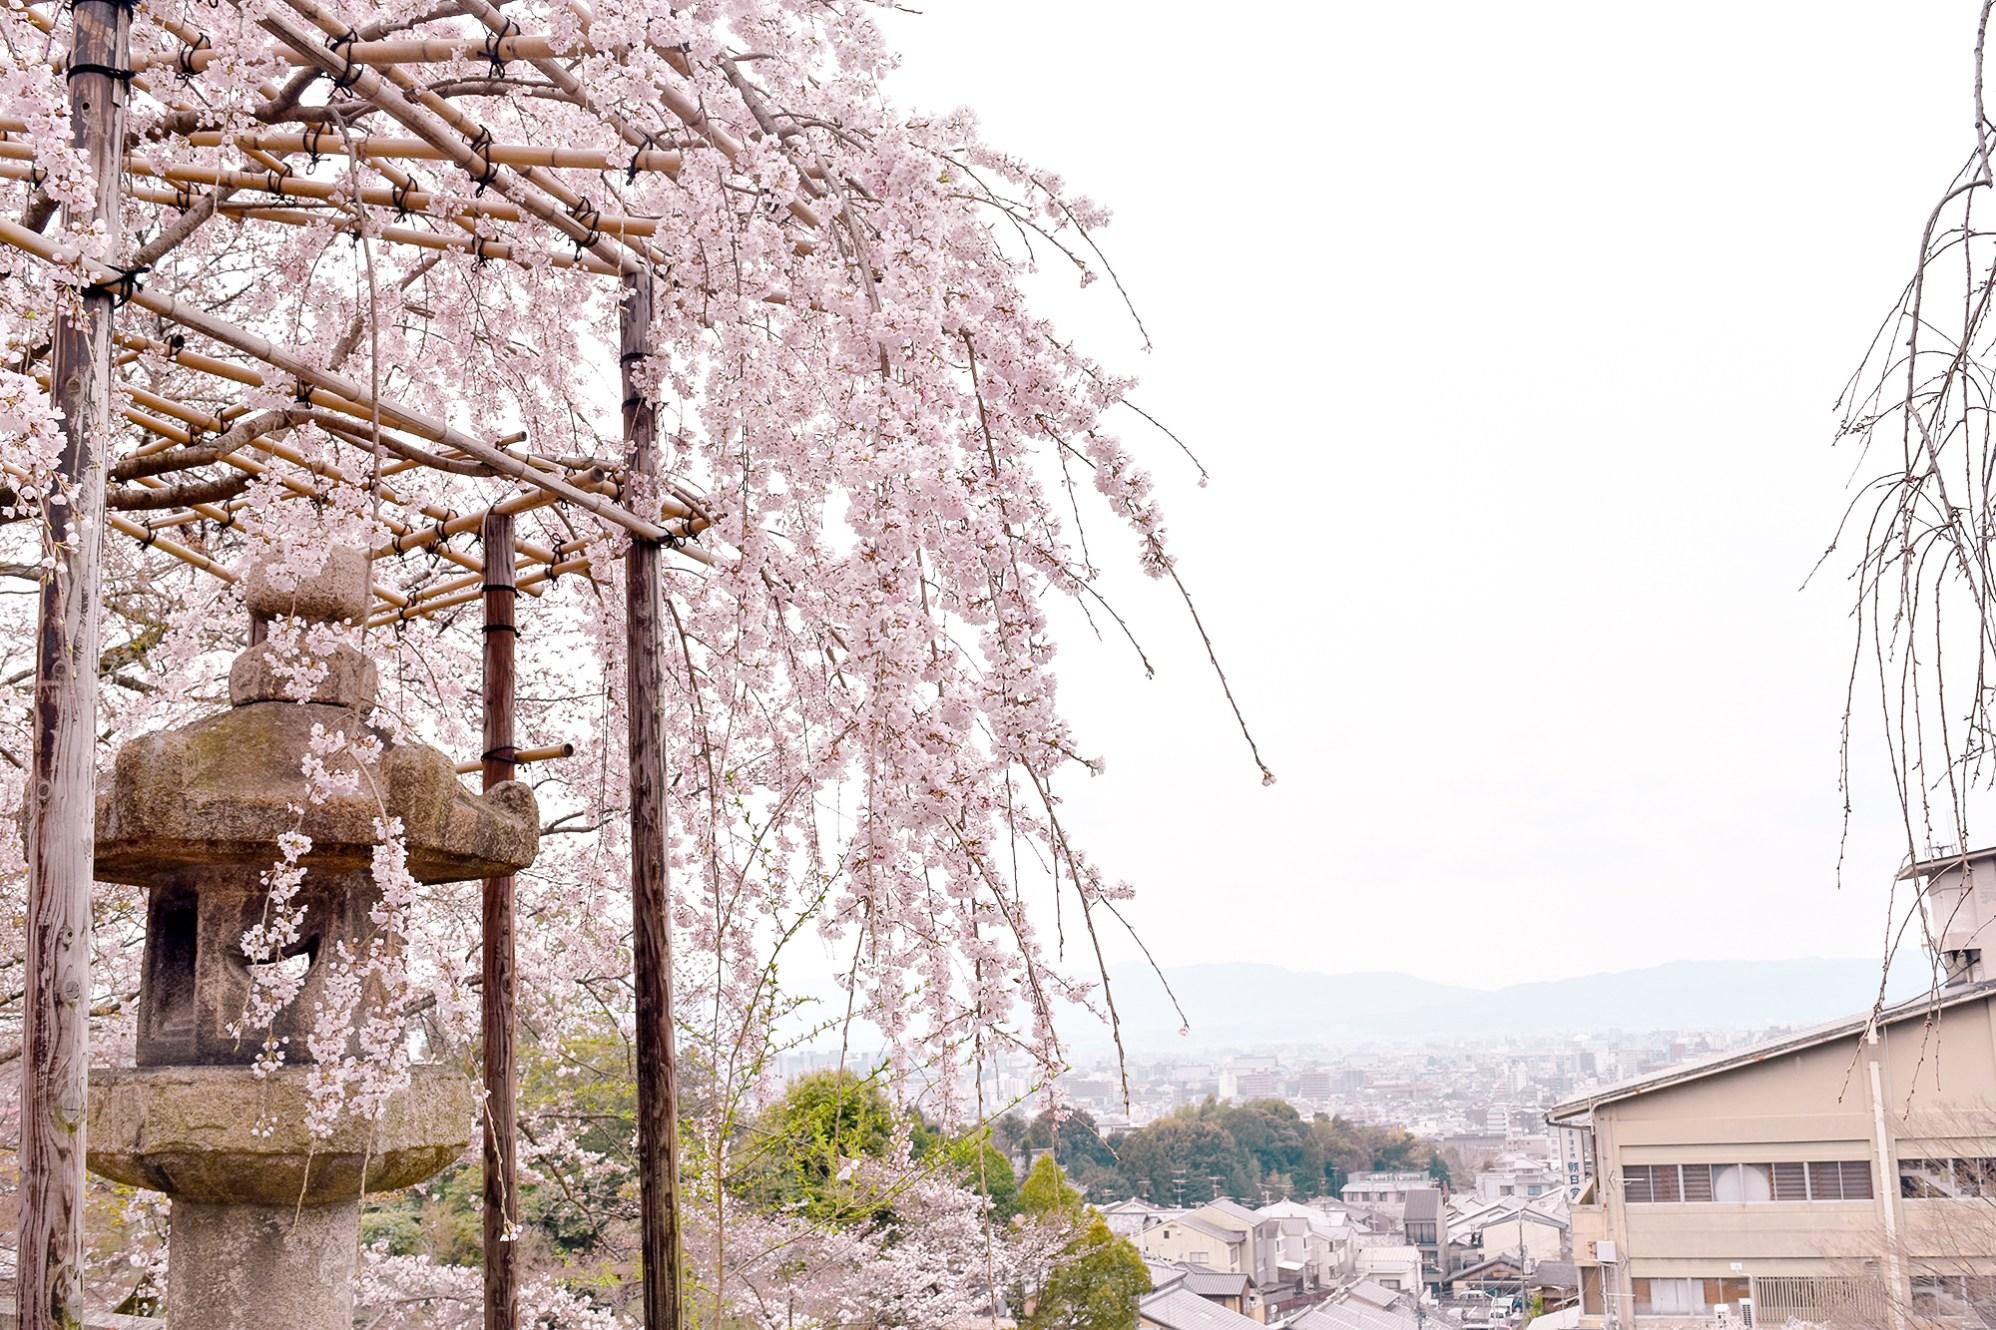 Weeping sakura in Kiyomizu-dera